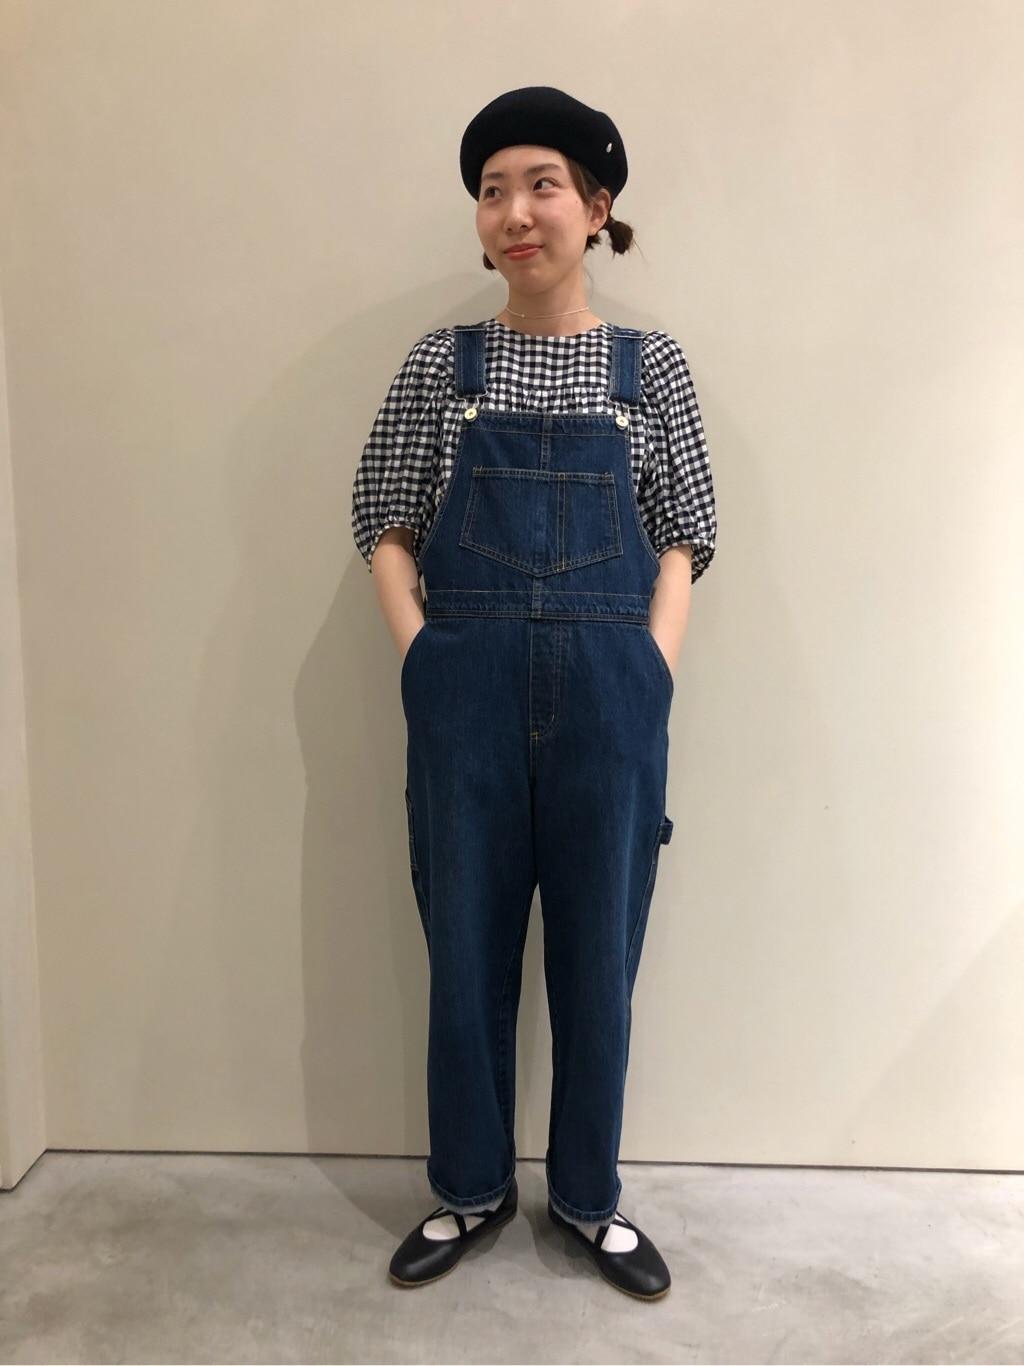 CHILD WOMAN , PAR ICI 新宿ミロード 2021.05.10